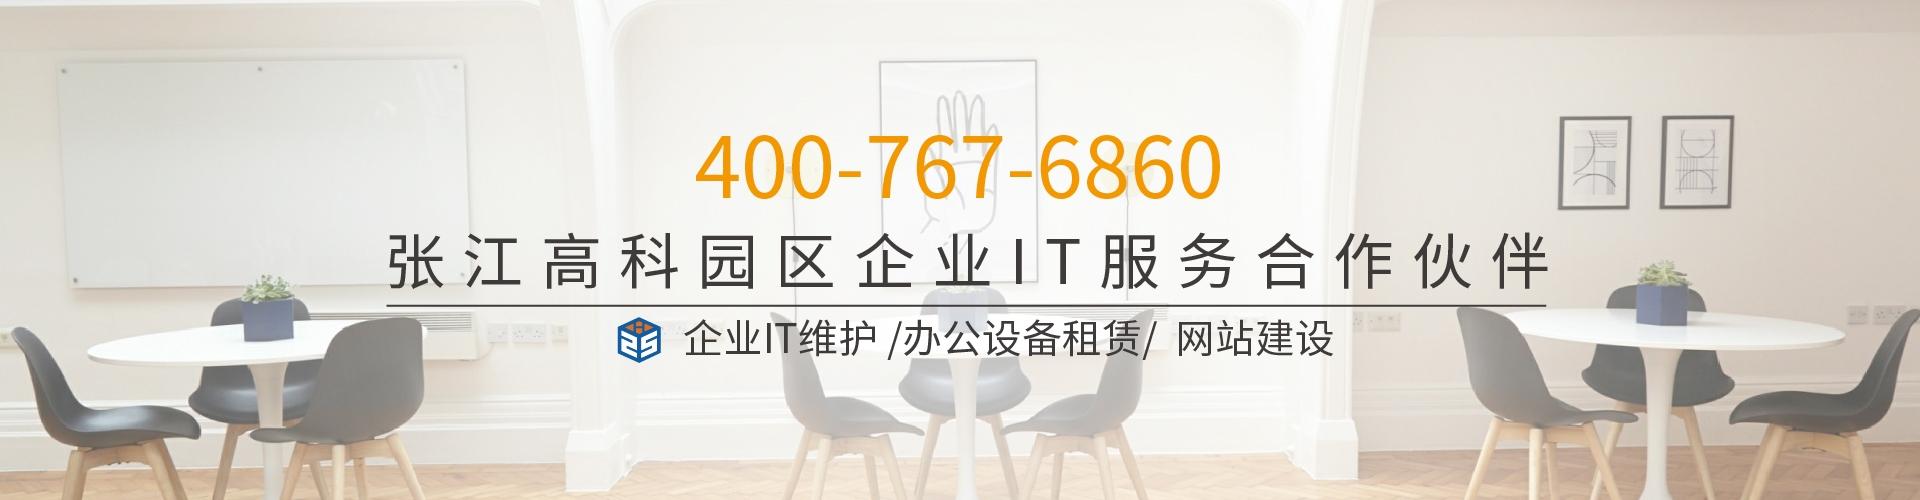 张江高科园区IT服务合作伙伴